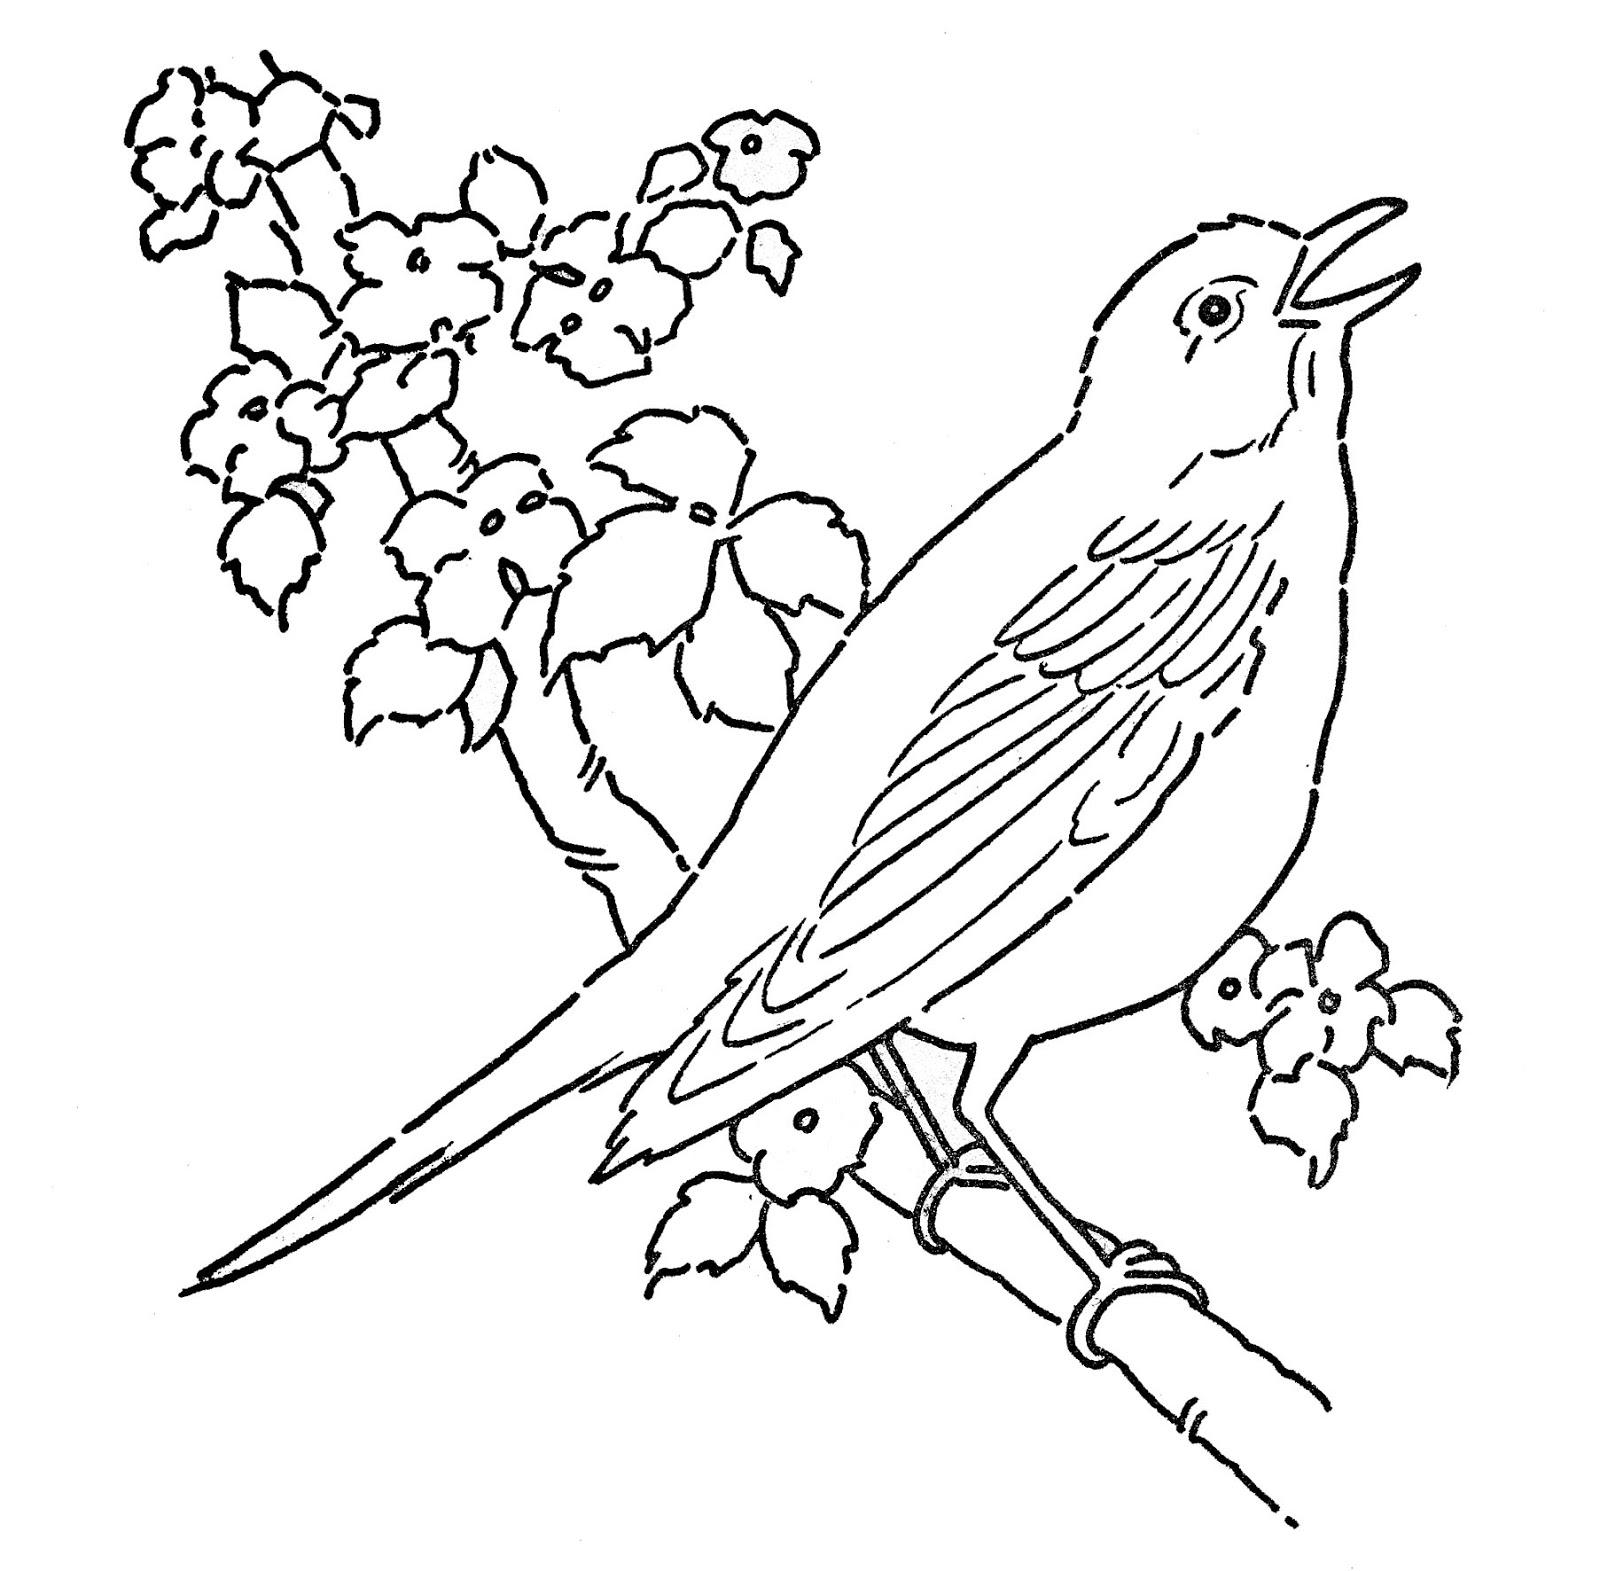 דף צביעה ציפור שרה